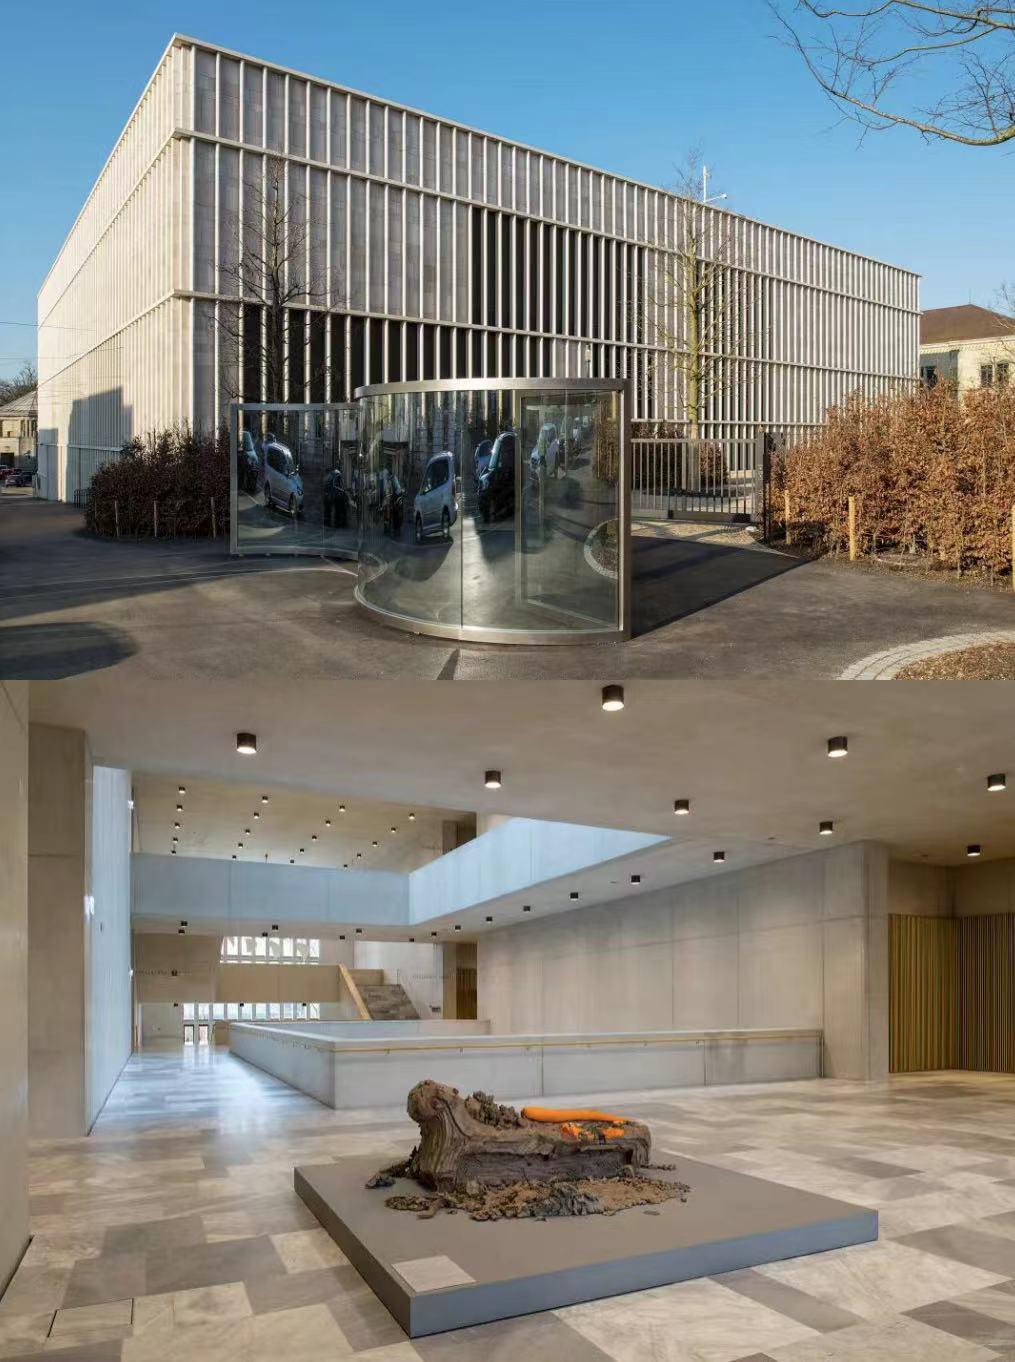 云游四方 历时13年打造,瑞士最大艺术博物馆今秋开放